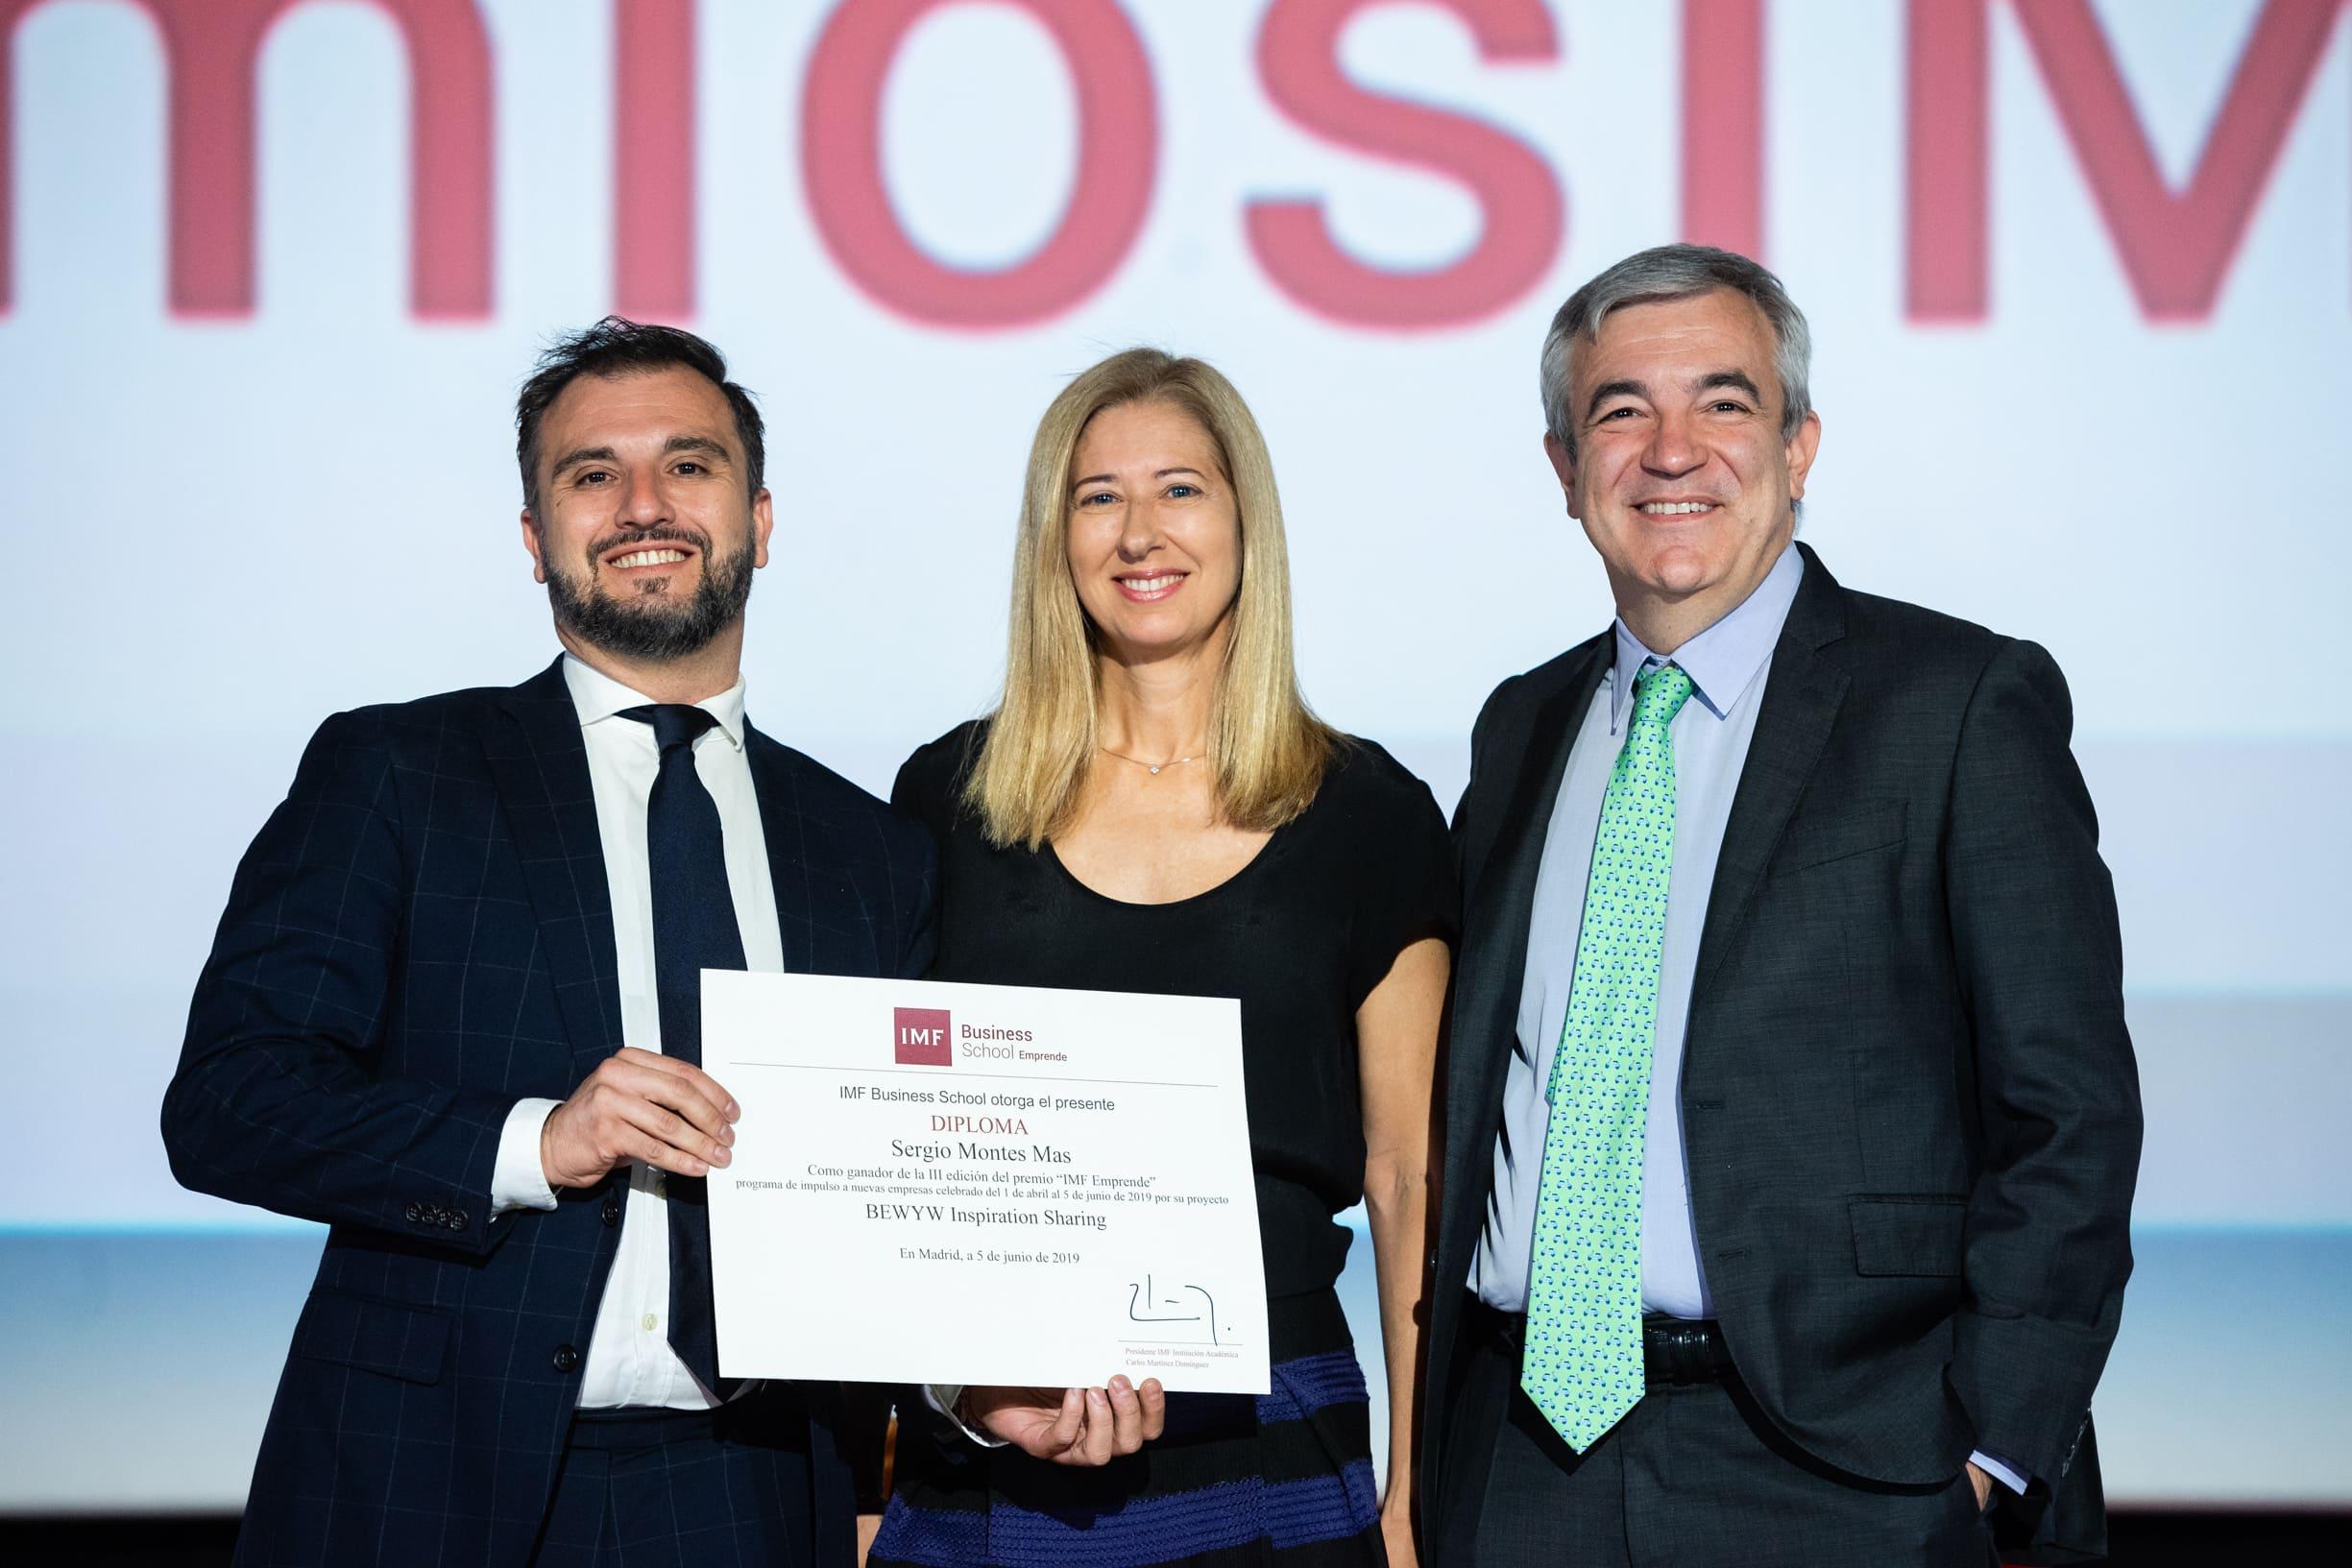 ganador-imf-emprende BEWYW, Startup ganadora de la III Edición de IMF Emprende